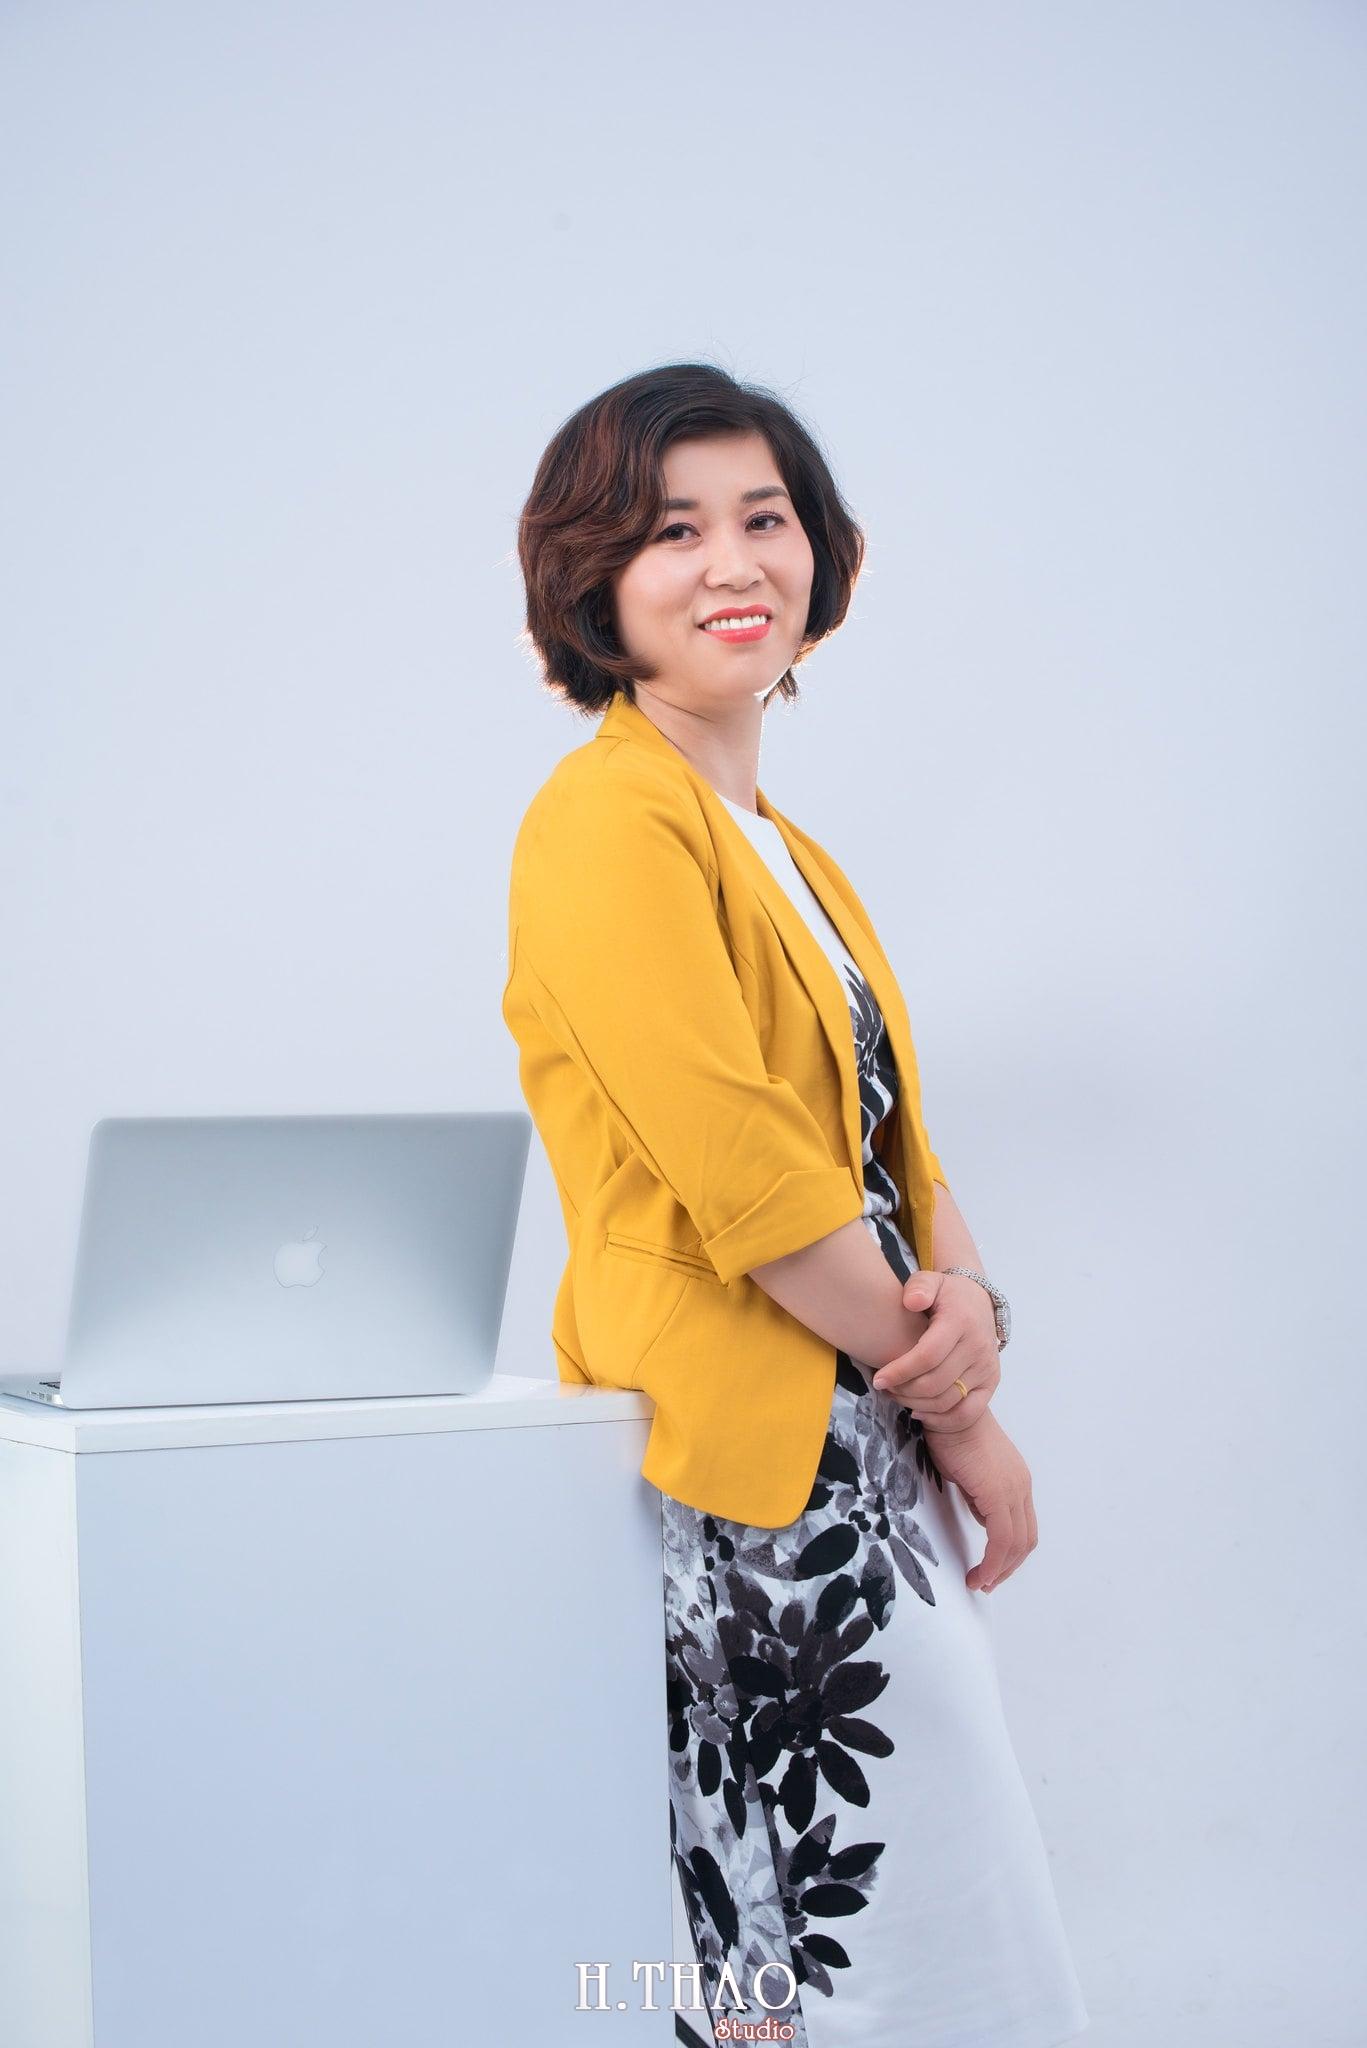 chan dung nu 11 - Album ảnh doanh nhân chị Quỳnh sang trọng, quý phái - HThao Studio